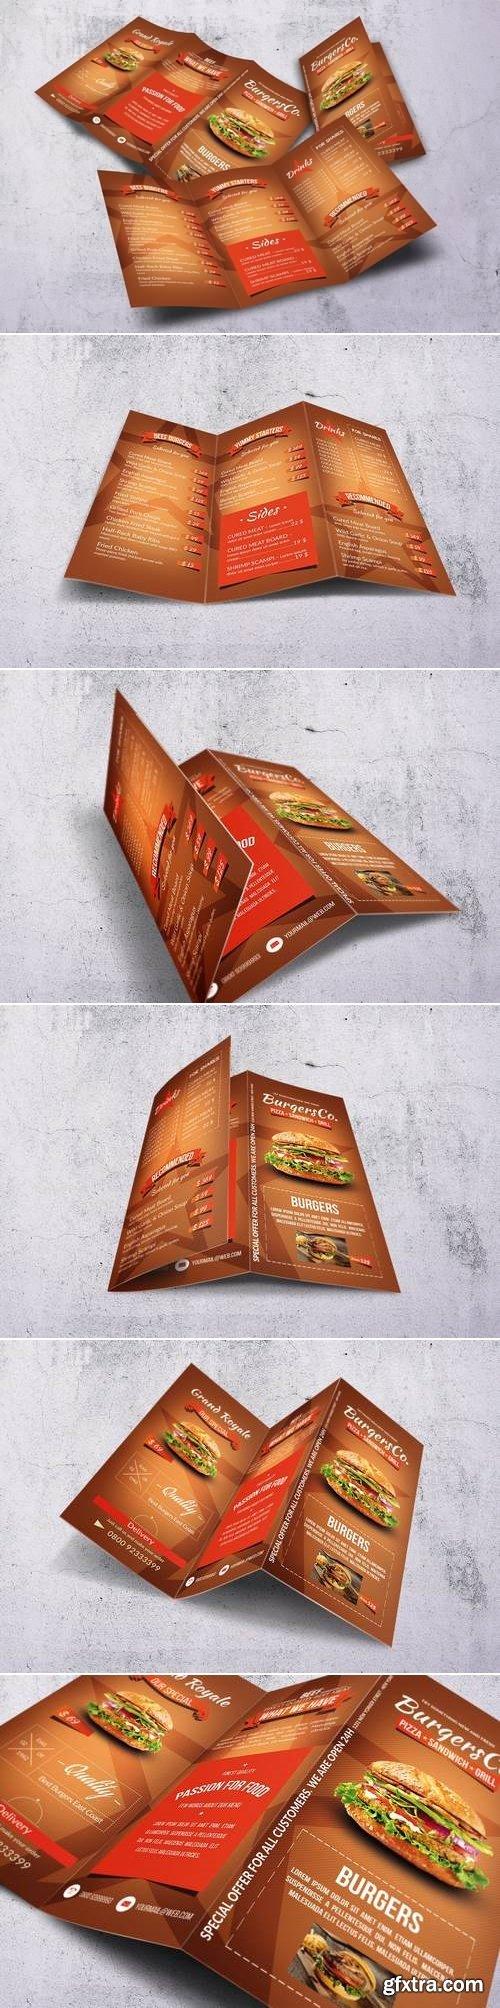 American Burgers A4 Trifold Menu